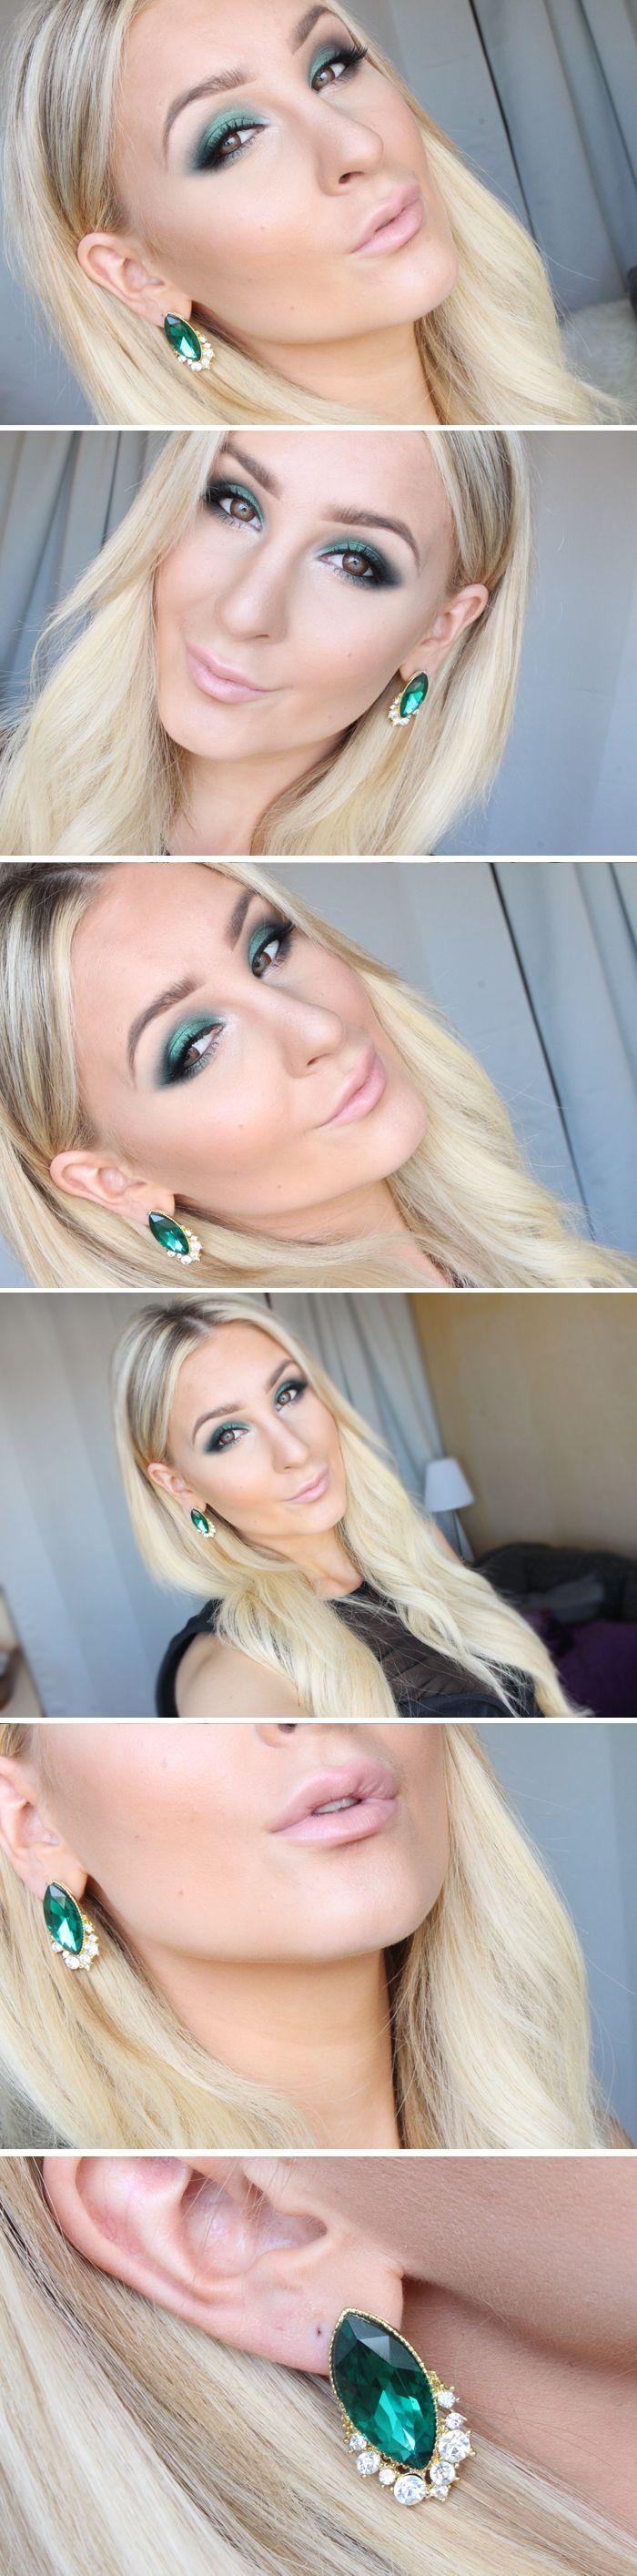 Helen Torsgården – Hiilens sminkblogg   Sveriges bästa sminkblogg med fantastiska sminkningar, inspiration, tutorials, sminkvideoklipp, produkttester och allt om nyheterna på smink- och skönhetshimlen.